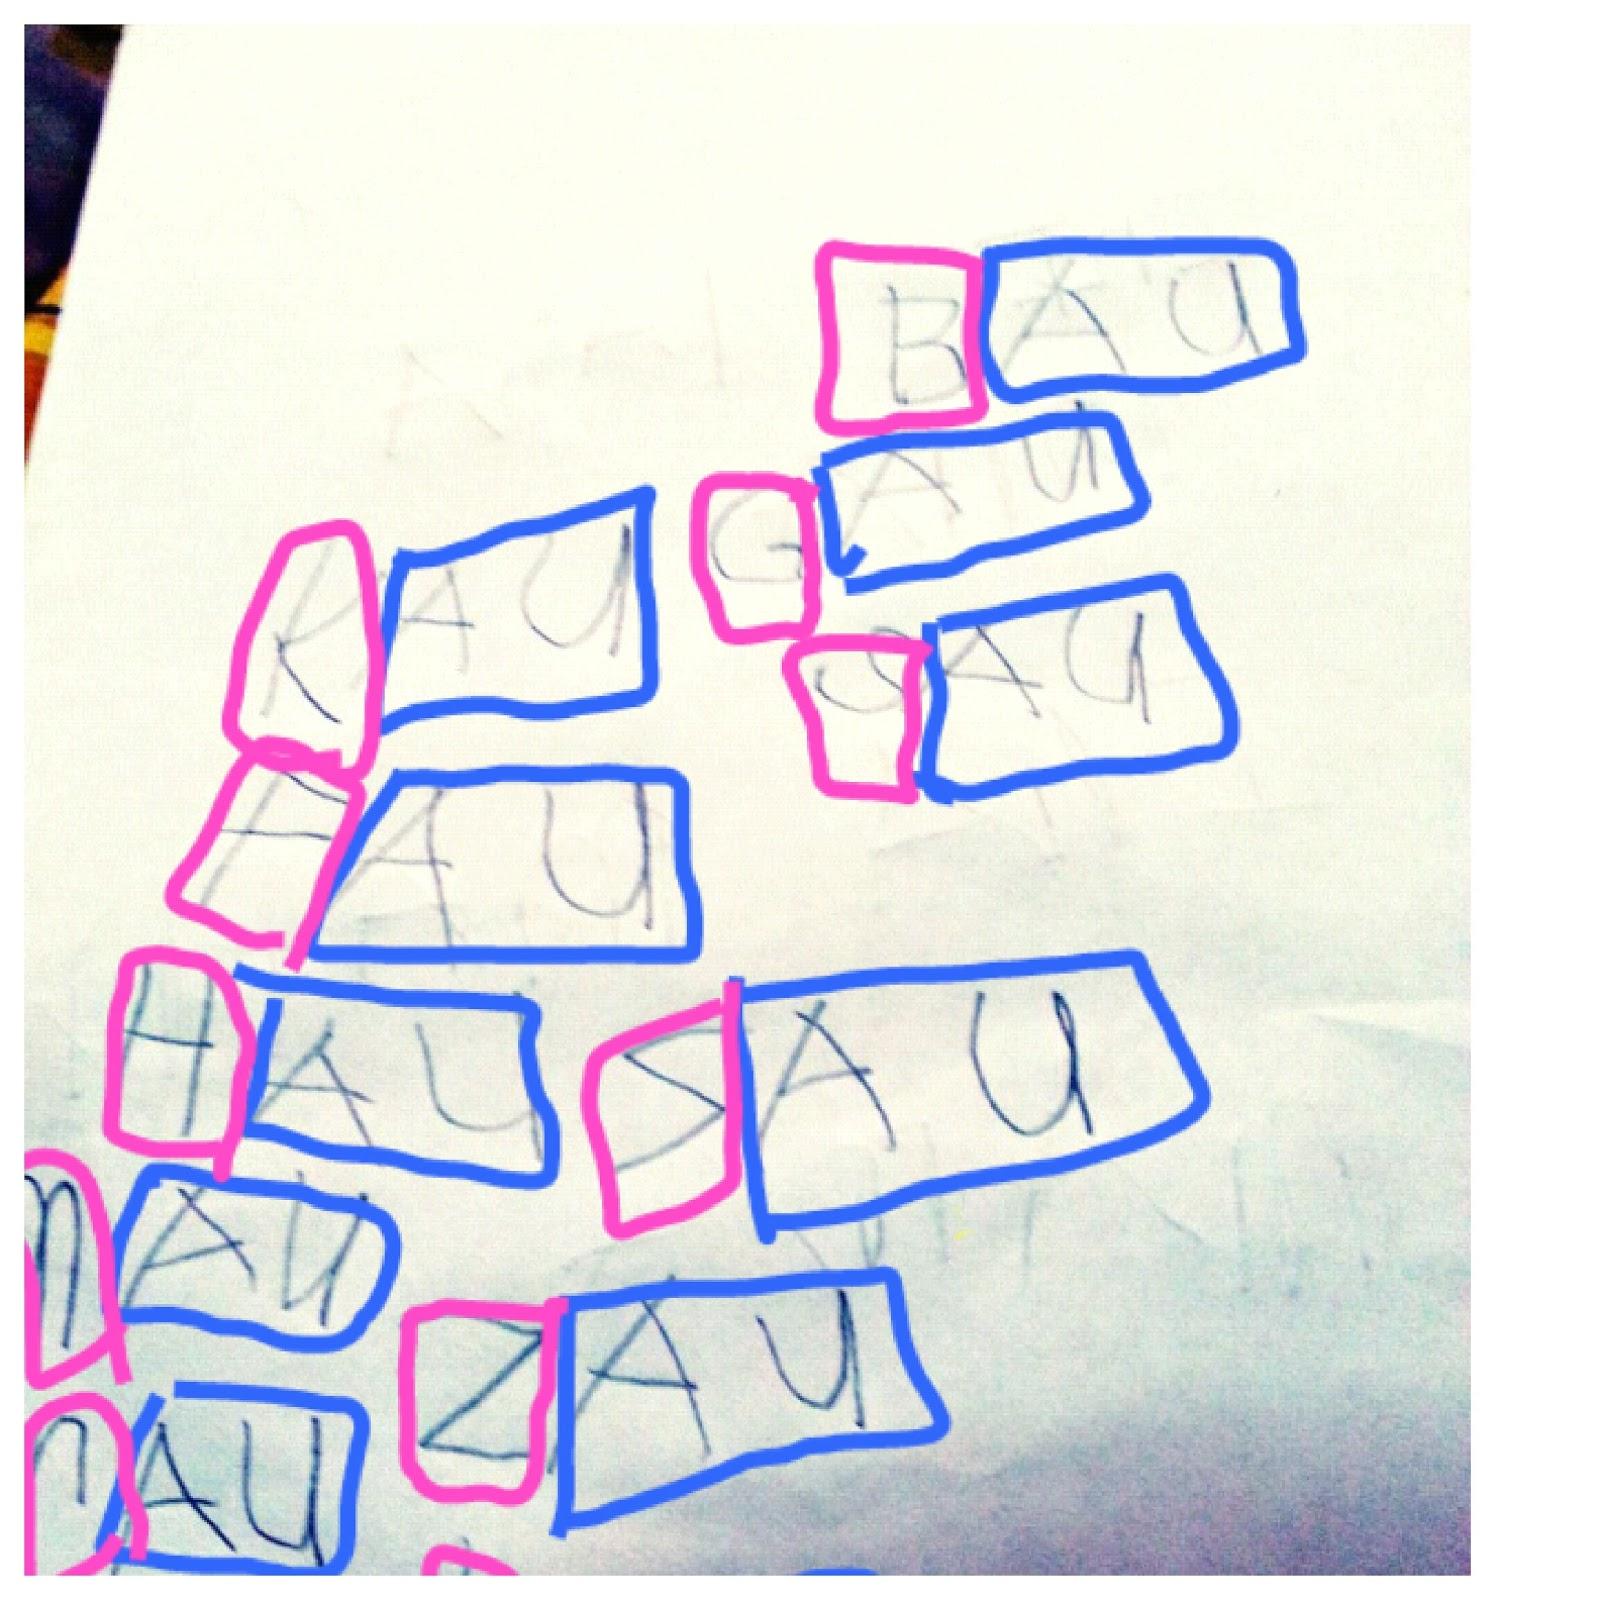 Cara Mengajari Anak Membaca Dan Menulis Dengan Cepat: My Adam ... & Aleesya: Cara Mudah Mengajar Anak Membaca